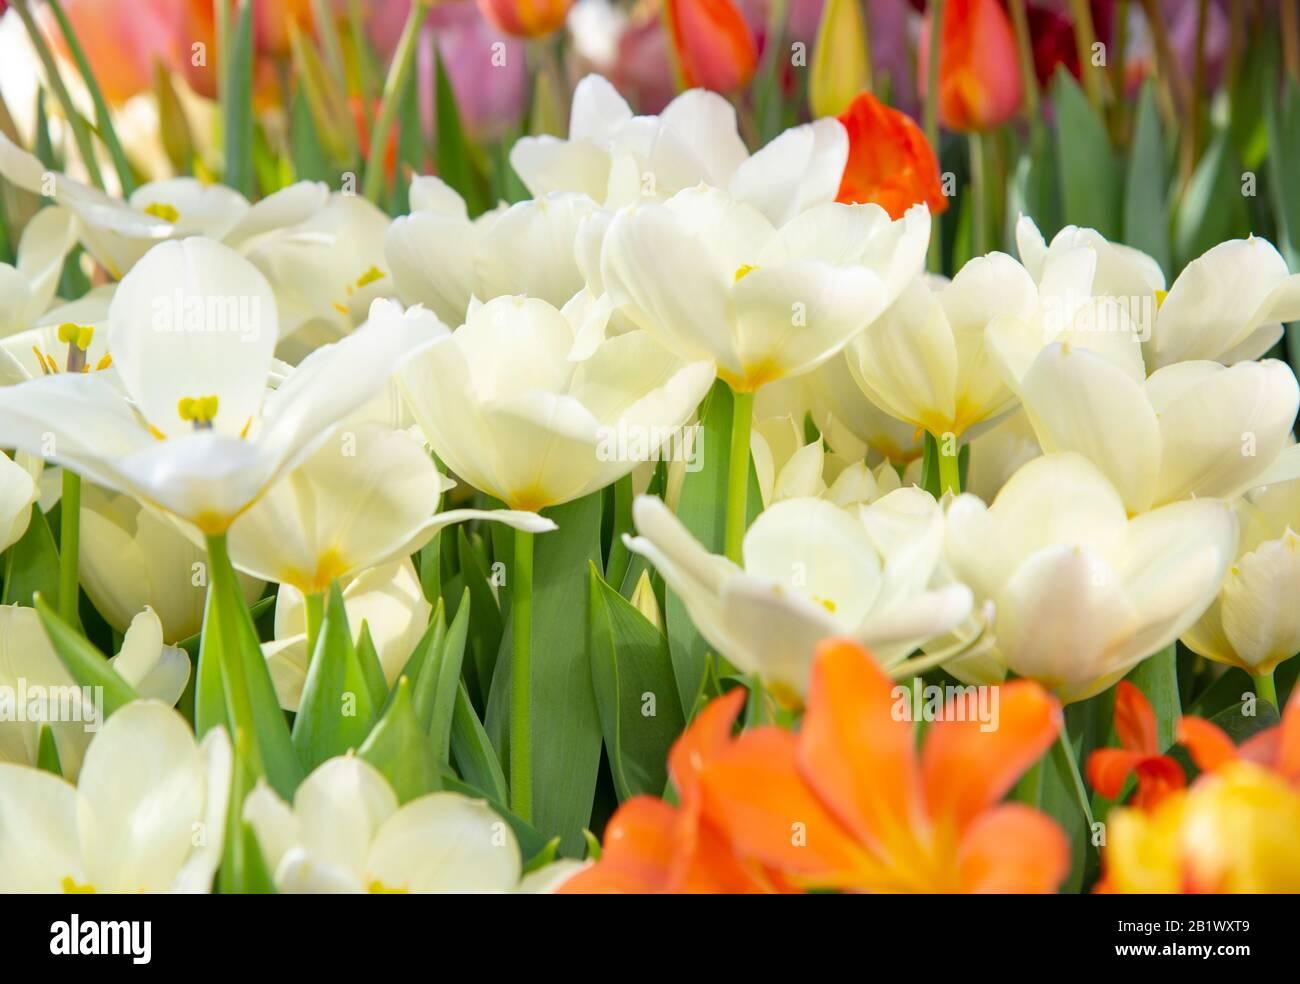 Delicados tulipanes blancos sobre un fondo borroso. Símbolo de primavera, amor, ternura y felicidad. Foto de stock